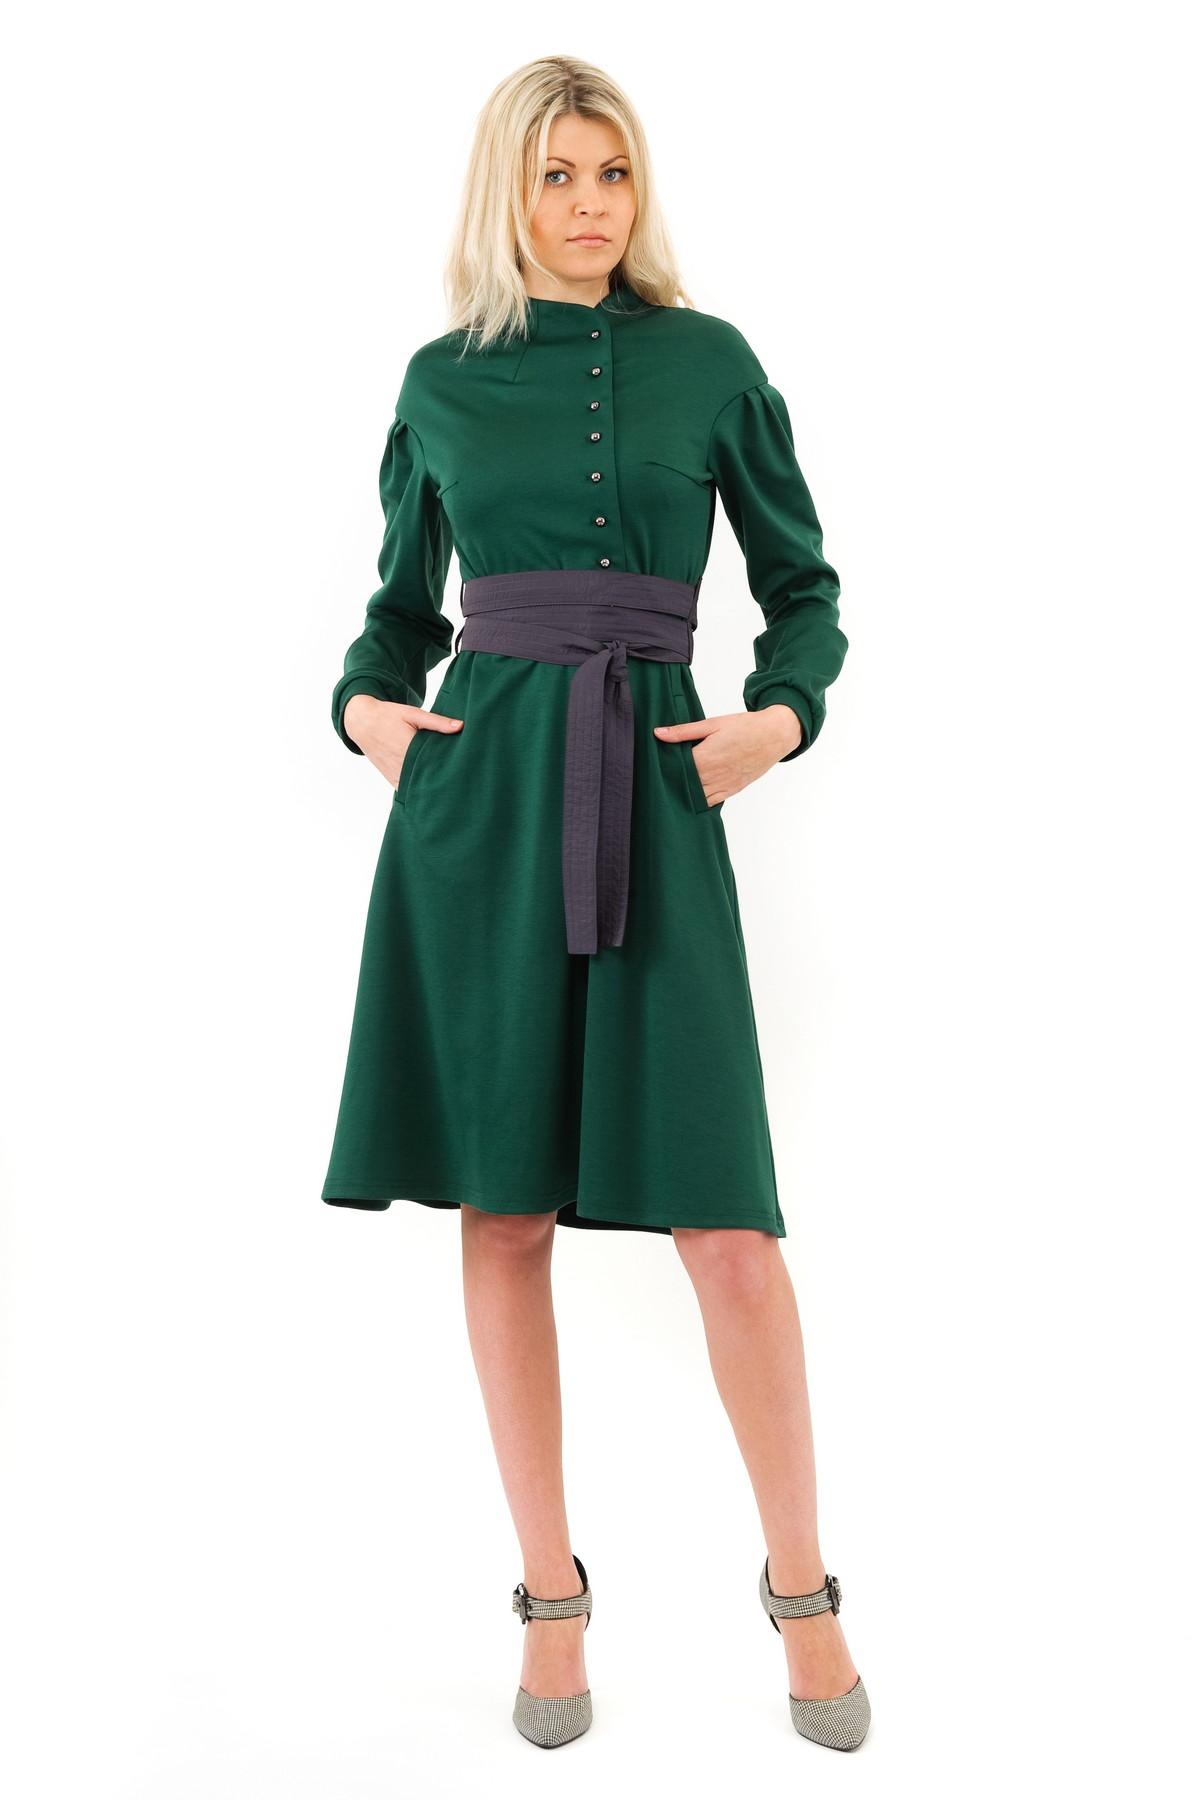 ПлатьеПлатья,  сарафаны<br>Изысканное трикотажное платье макси-длины преобразит любую девушку, придав ее образу неповторимую чувственность. Добавьте в свой гардероб нотку настоящего изысканного шика вместе с этим ярким стильным очаровательным платьем!Коллекция Колонизация дизайн<br><br>Цвет: зеленый<br>Состав: 60% вискоза, 35% полиэстер, 5% лайкра<br>Размер: 40<br>Страна дизайна: Россия<br>Страна производства: Россия